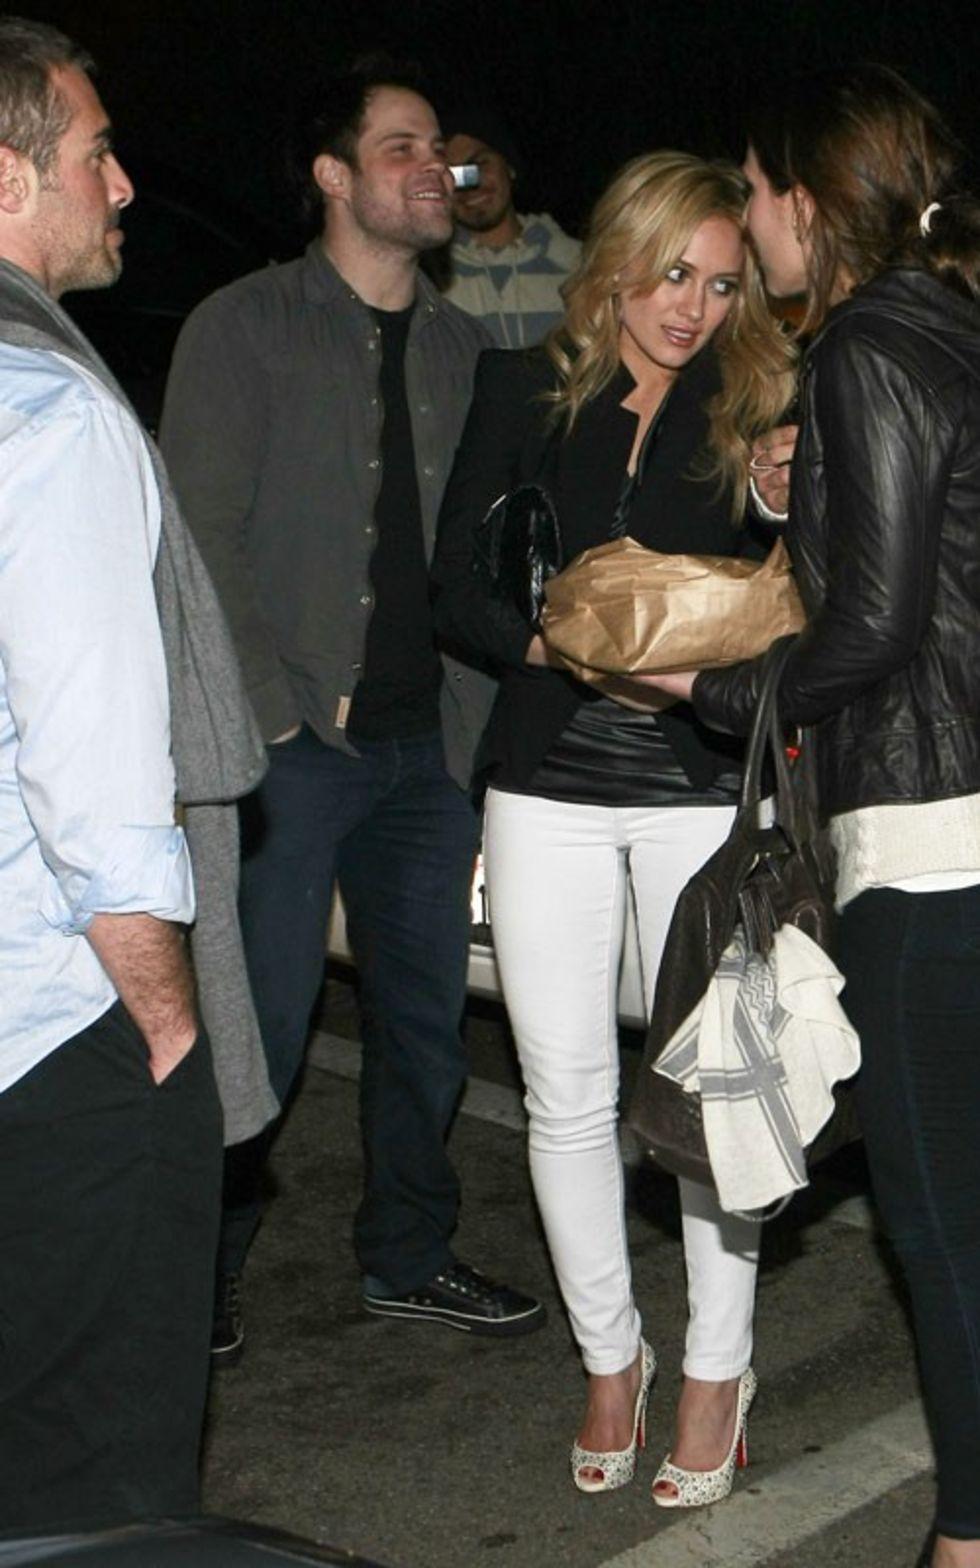 Hilary Duff 2010 : hilary-duff-leggy-in-white-tight-pants-08